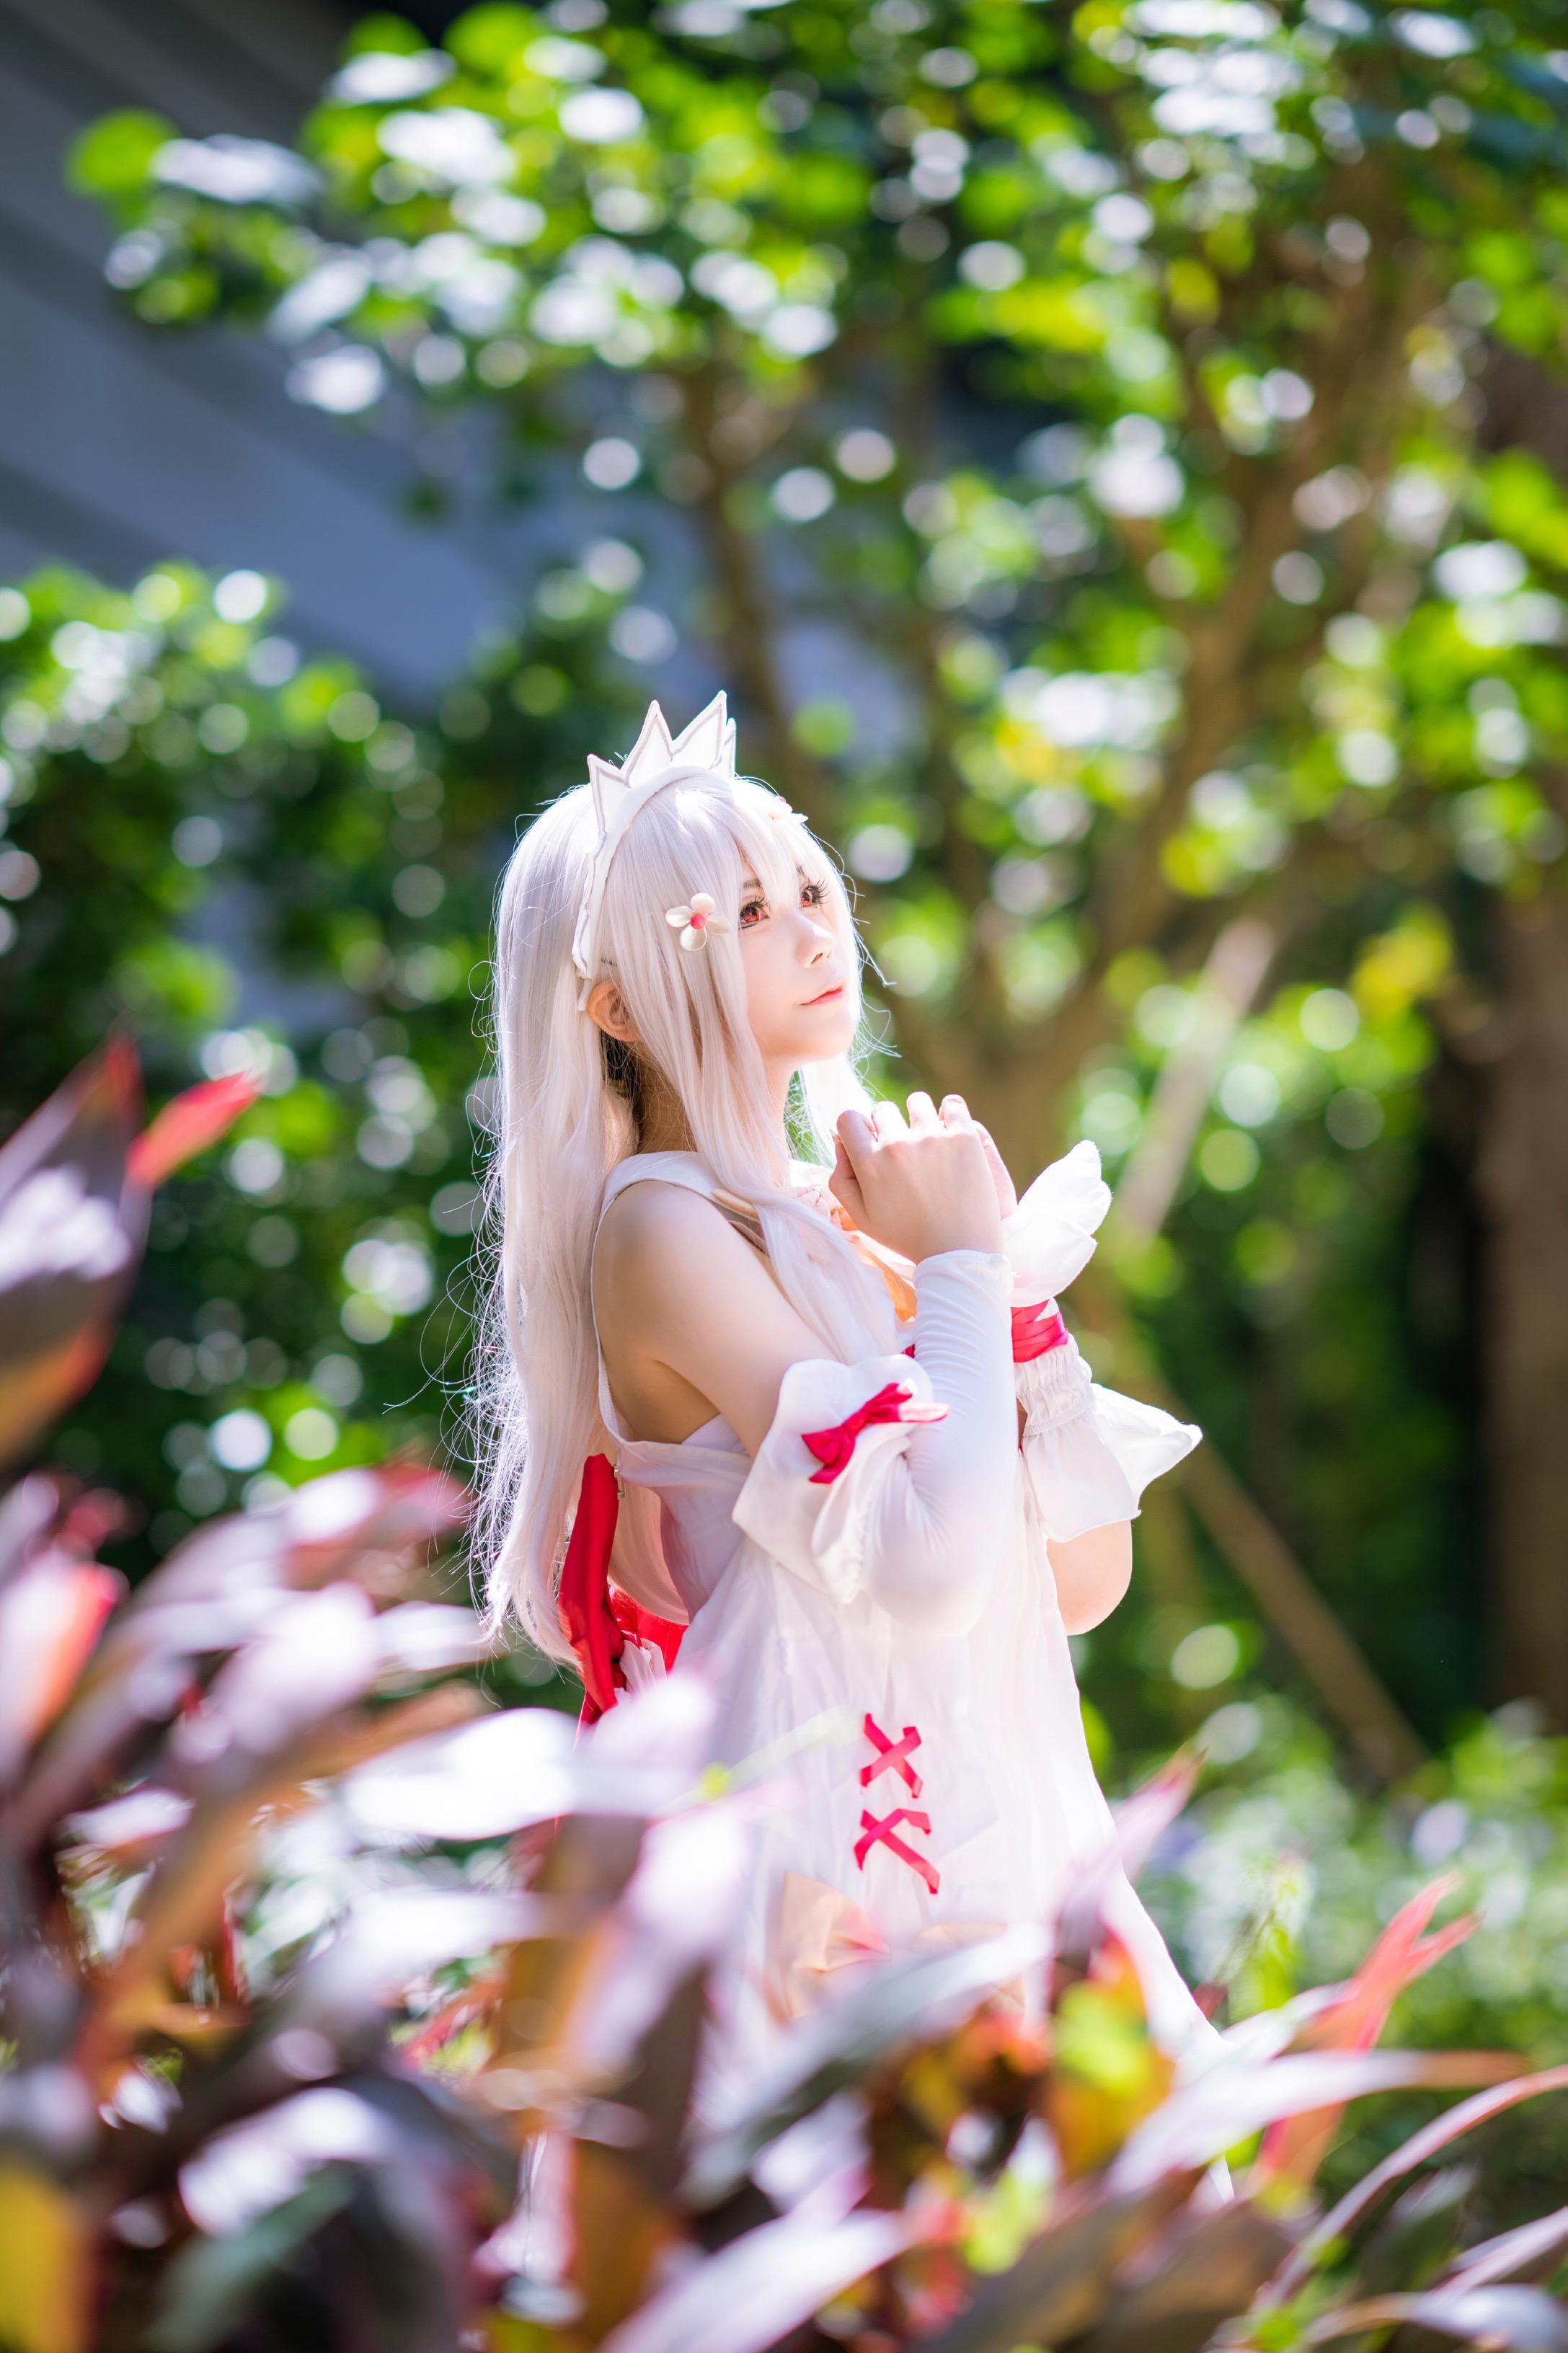 《魔法少女伊莉雅》漫展cosplay【CN:xionan】-第6张